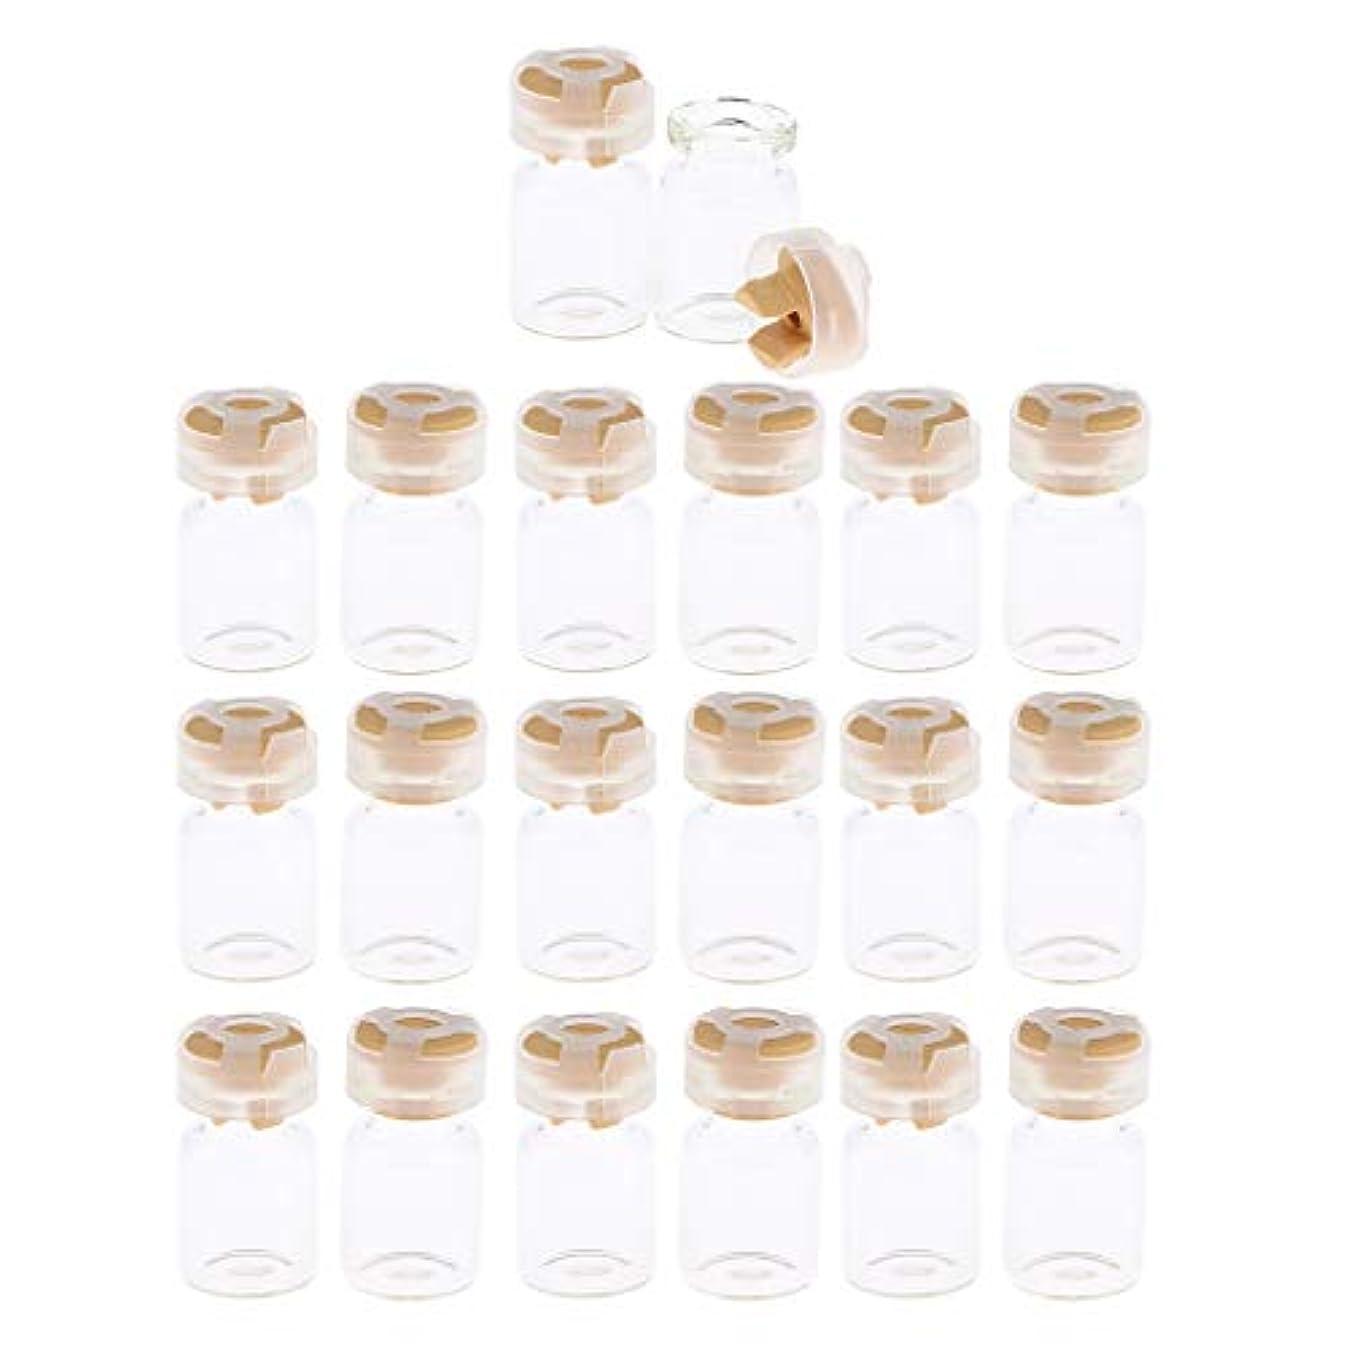 考案するうがい薬かわいらしいガラス瓶 ミニ 耐久 液体 クリーム 空の瓶 密封びん 容器 20個セット 5色選択 - 黄